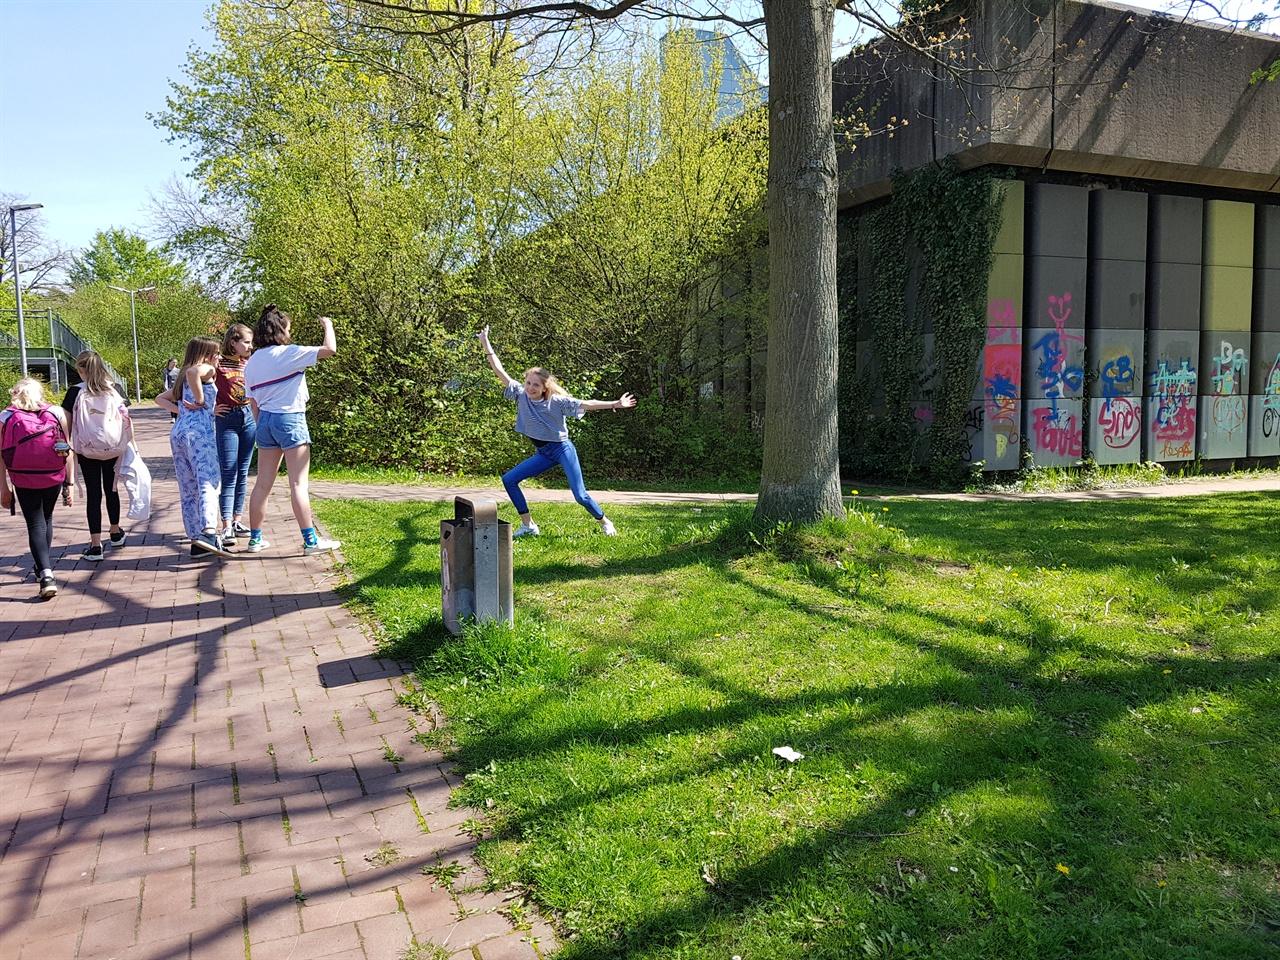 """""""괴팅겐 통합학교"""" 독일 괴팅겐 통합학교에 들어서자 학생들이 해맑게 뛰놀고 있다."""